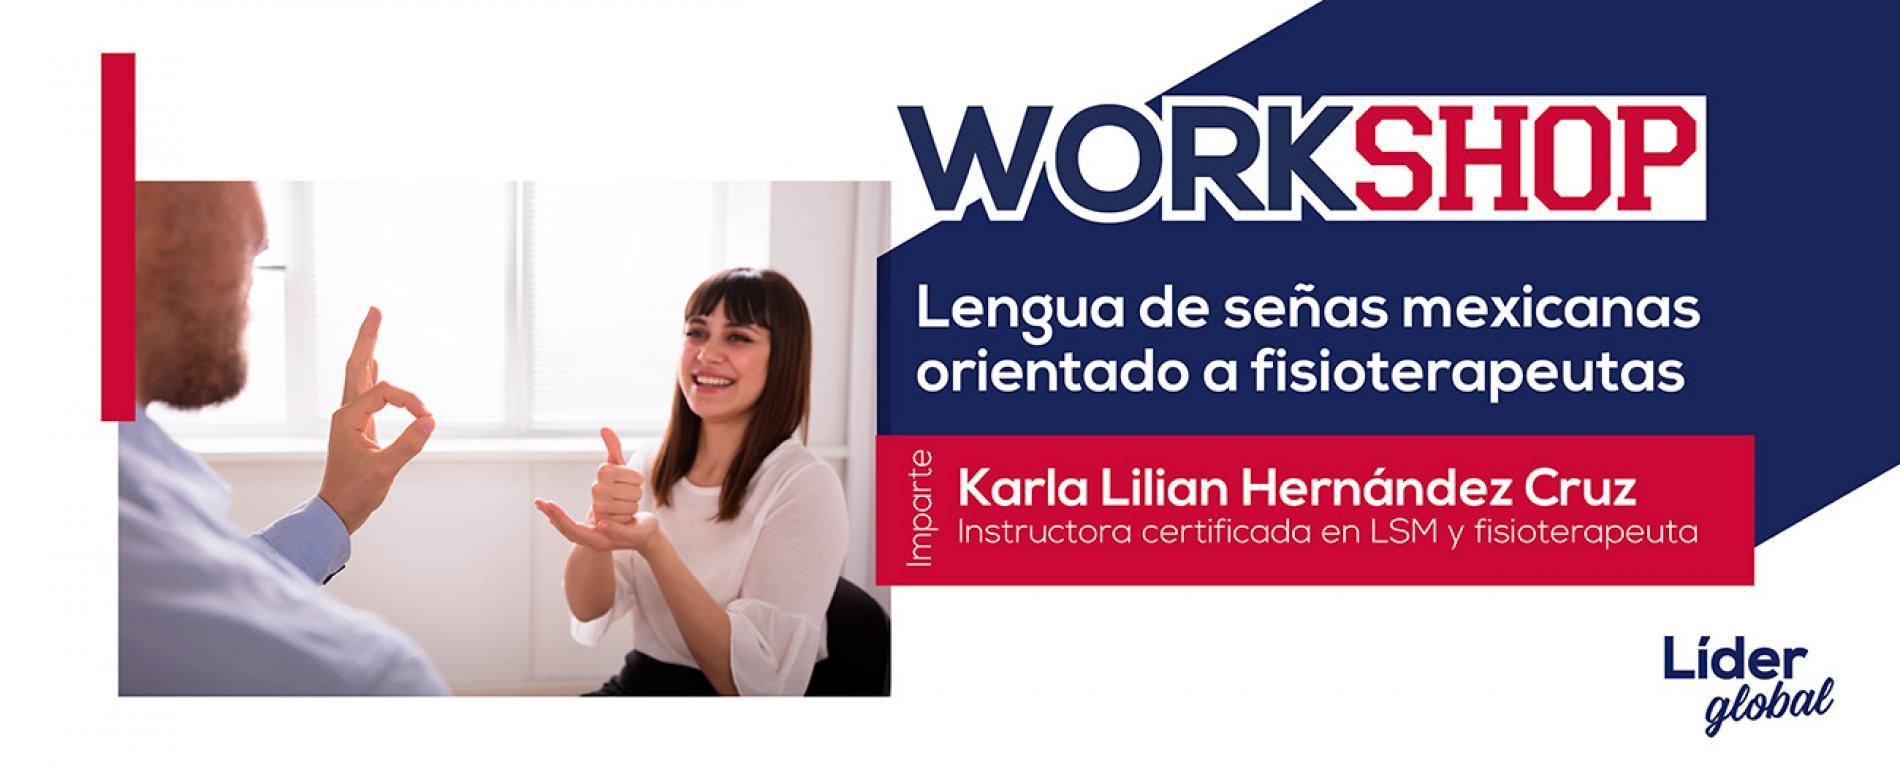 workshop lengua de señas mexicanas orientado a fisioterapeutas